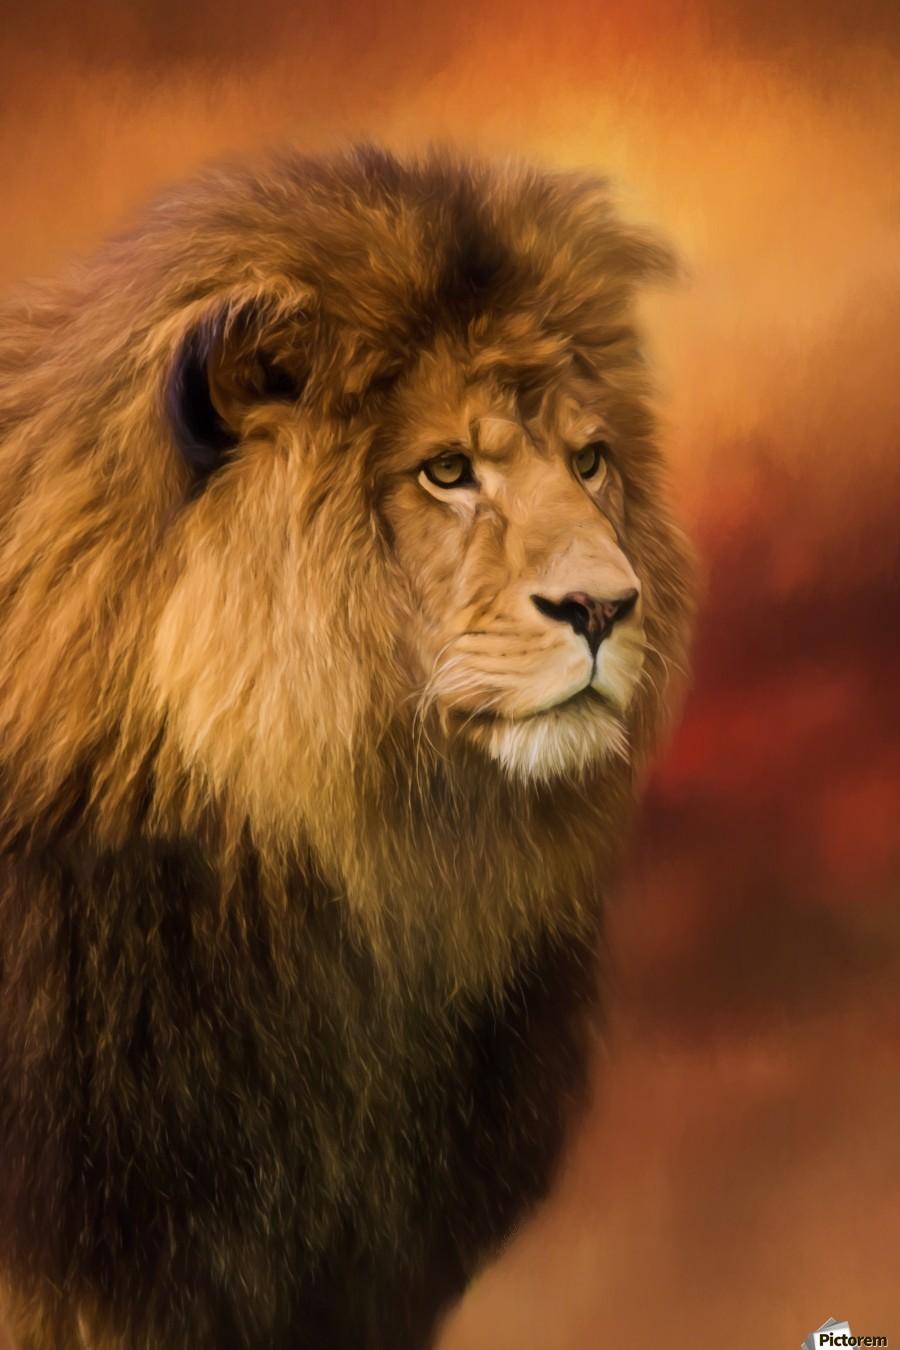 Lion Legacy - Lion Art by Jordan Blackstone  Print